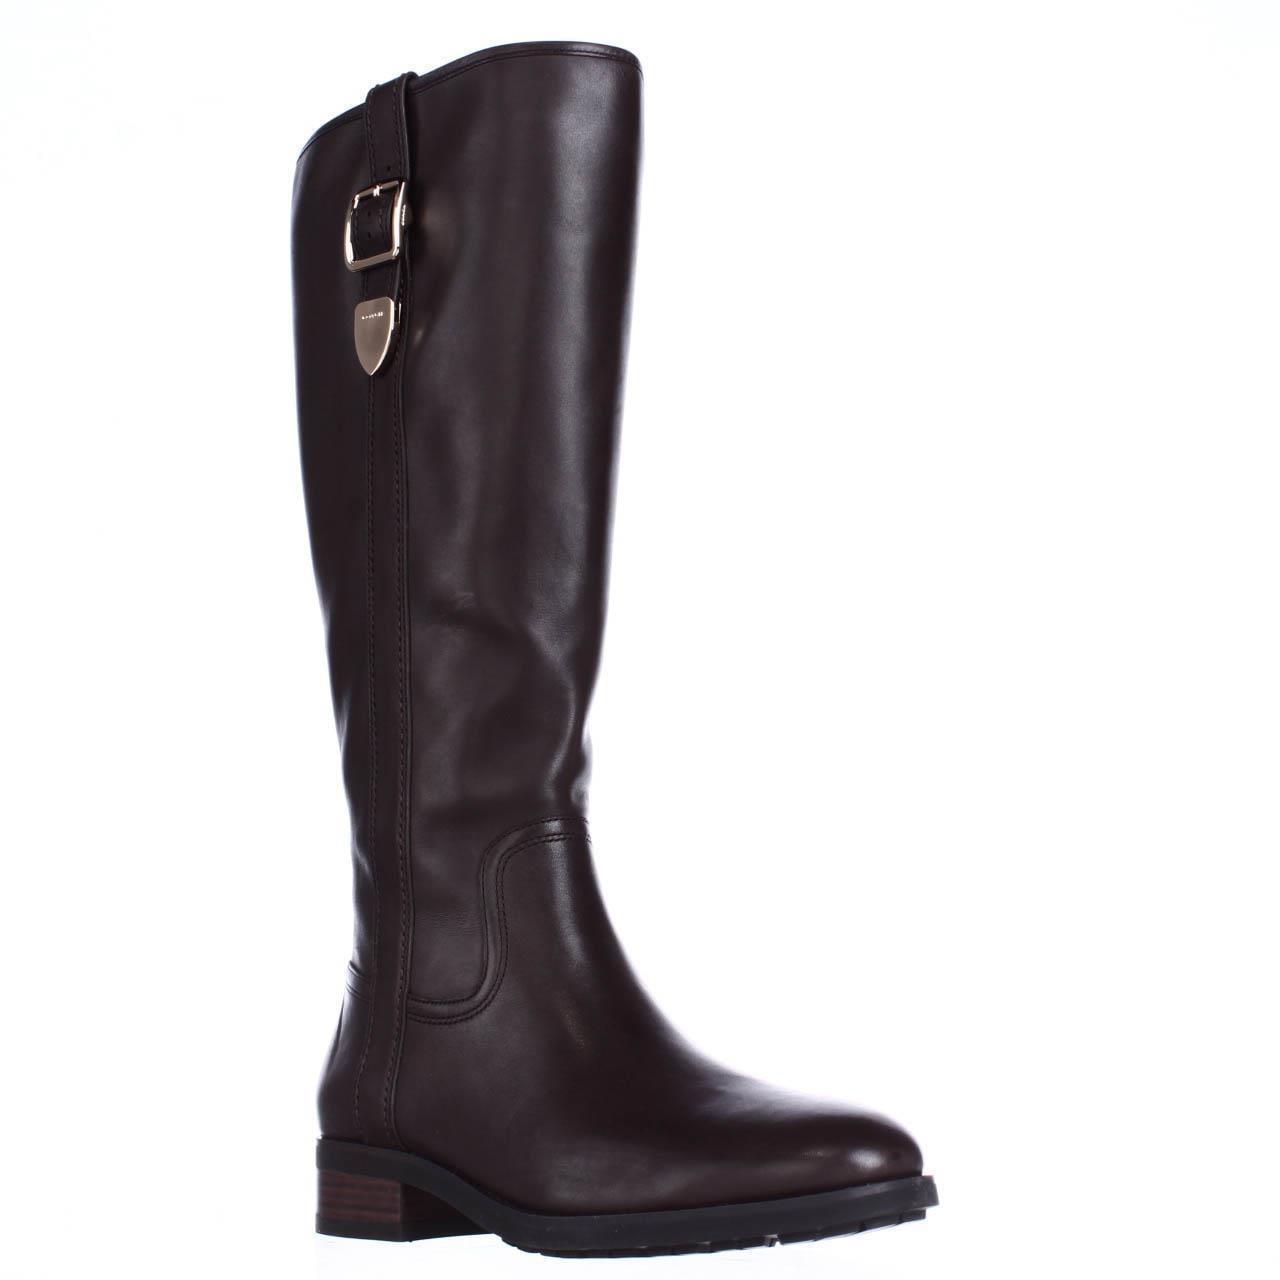 Womens Coach Easton Wide Calf Dress Riding Boots, Chestnut